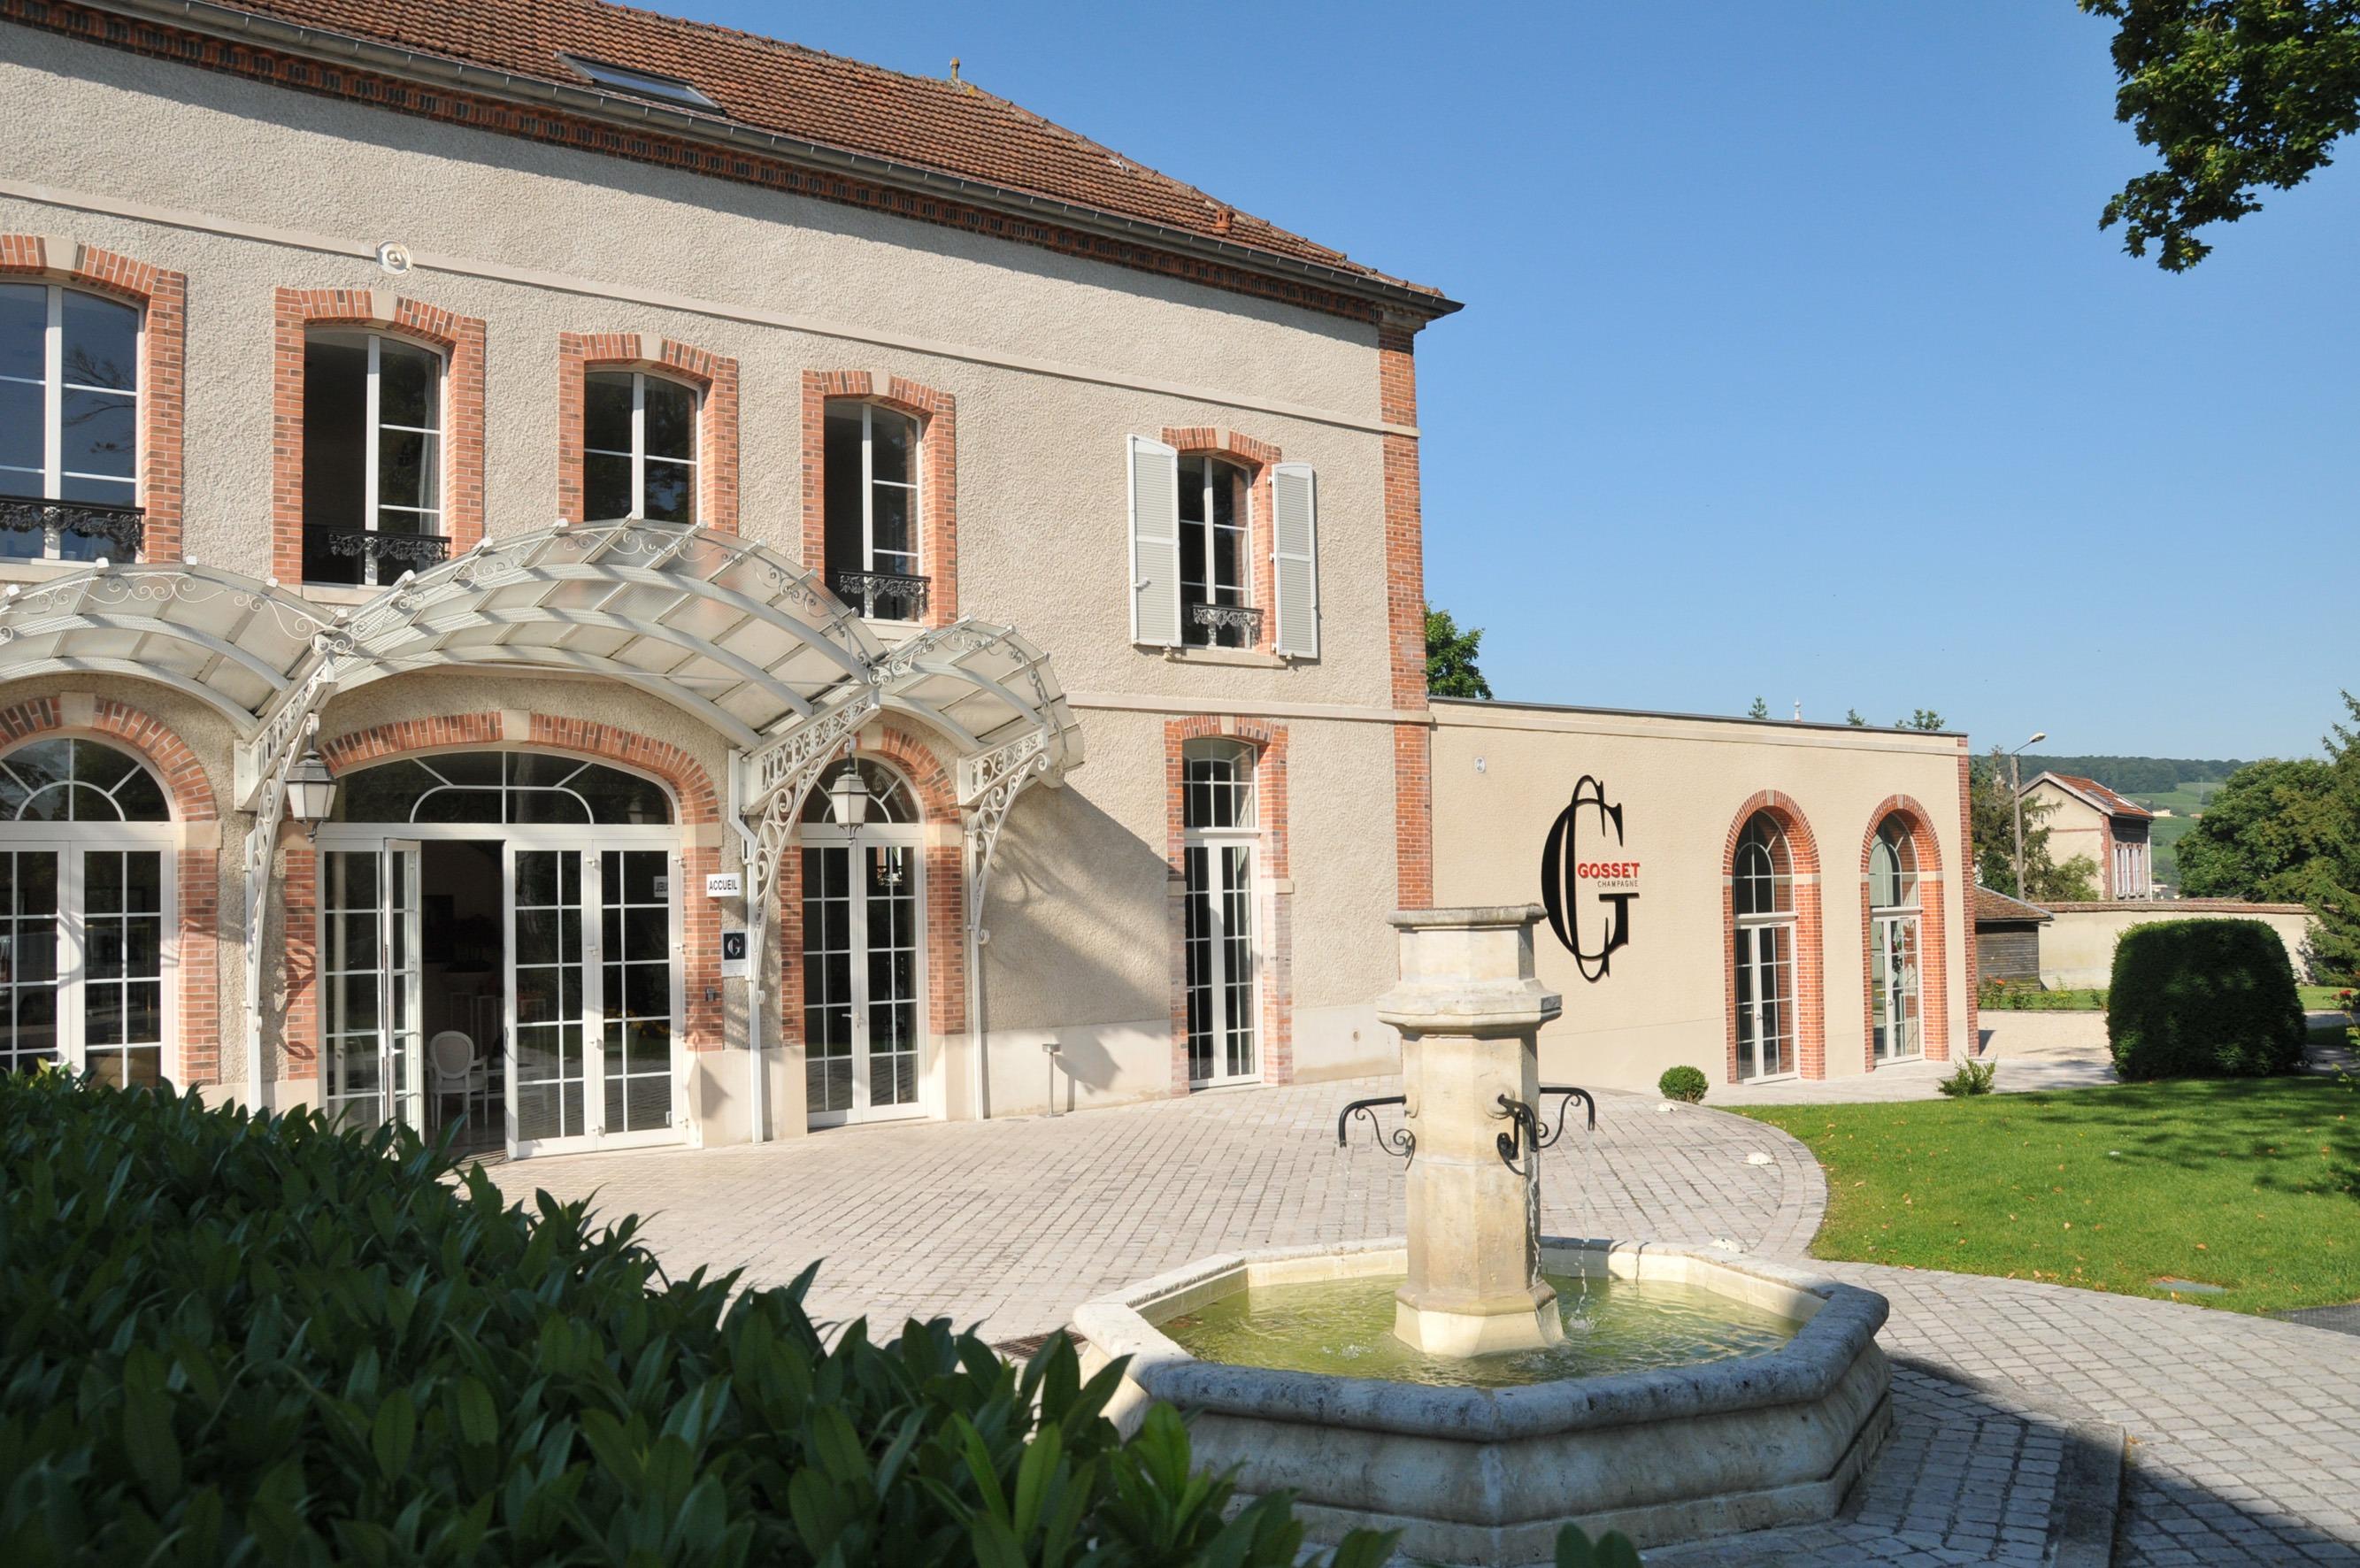 Kết quả hình ảnh cho the gosset champagne house